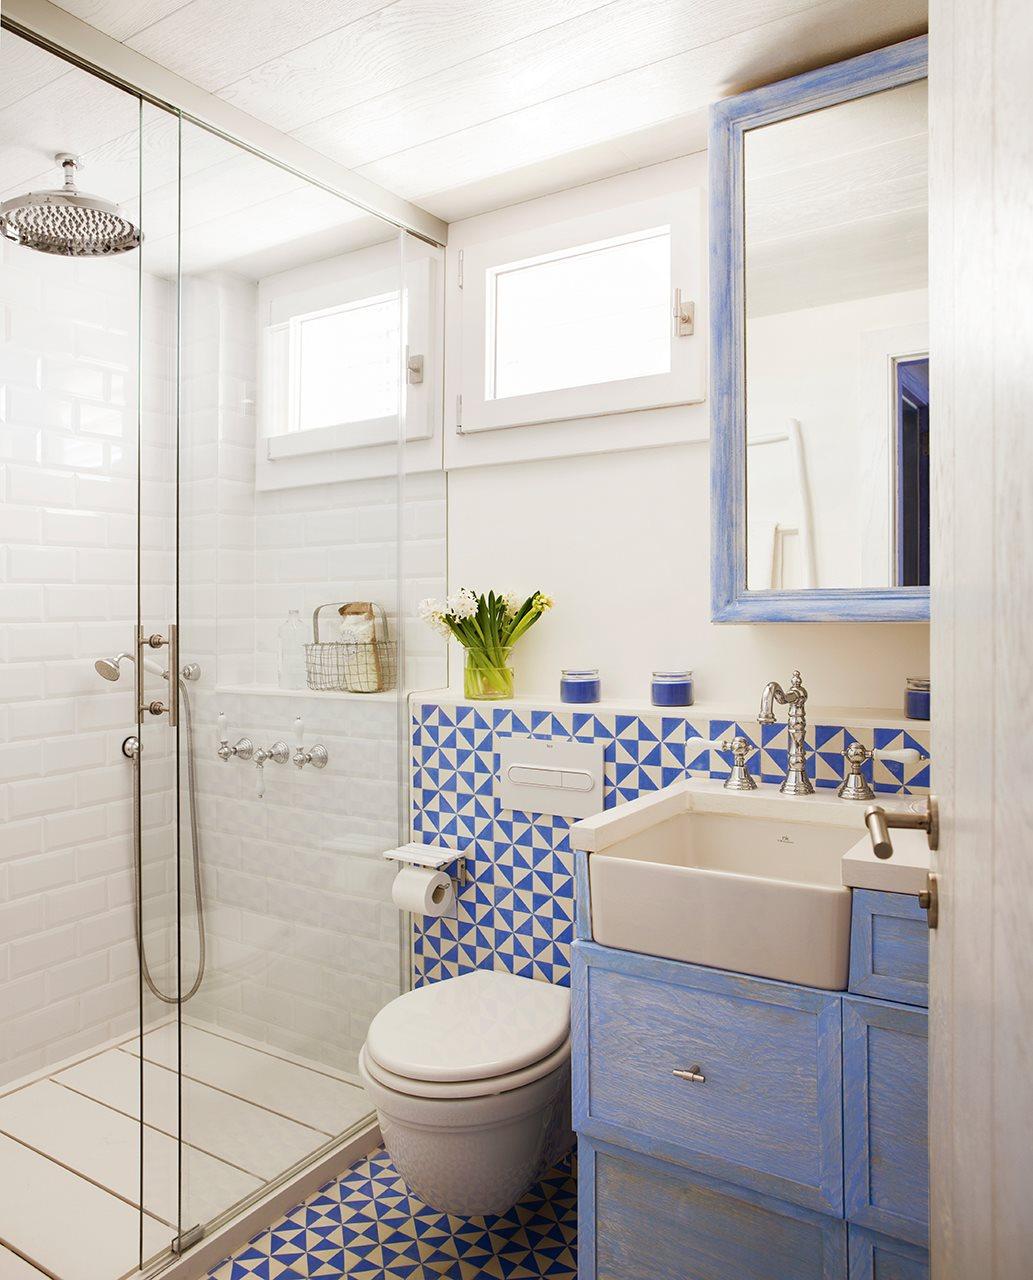 baño pequeño en azul y blanco